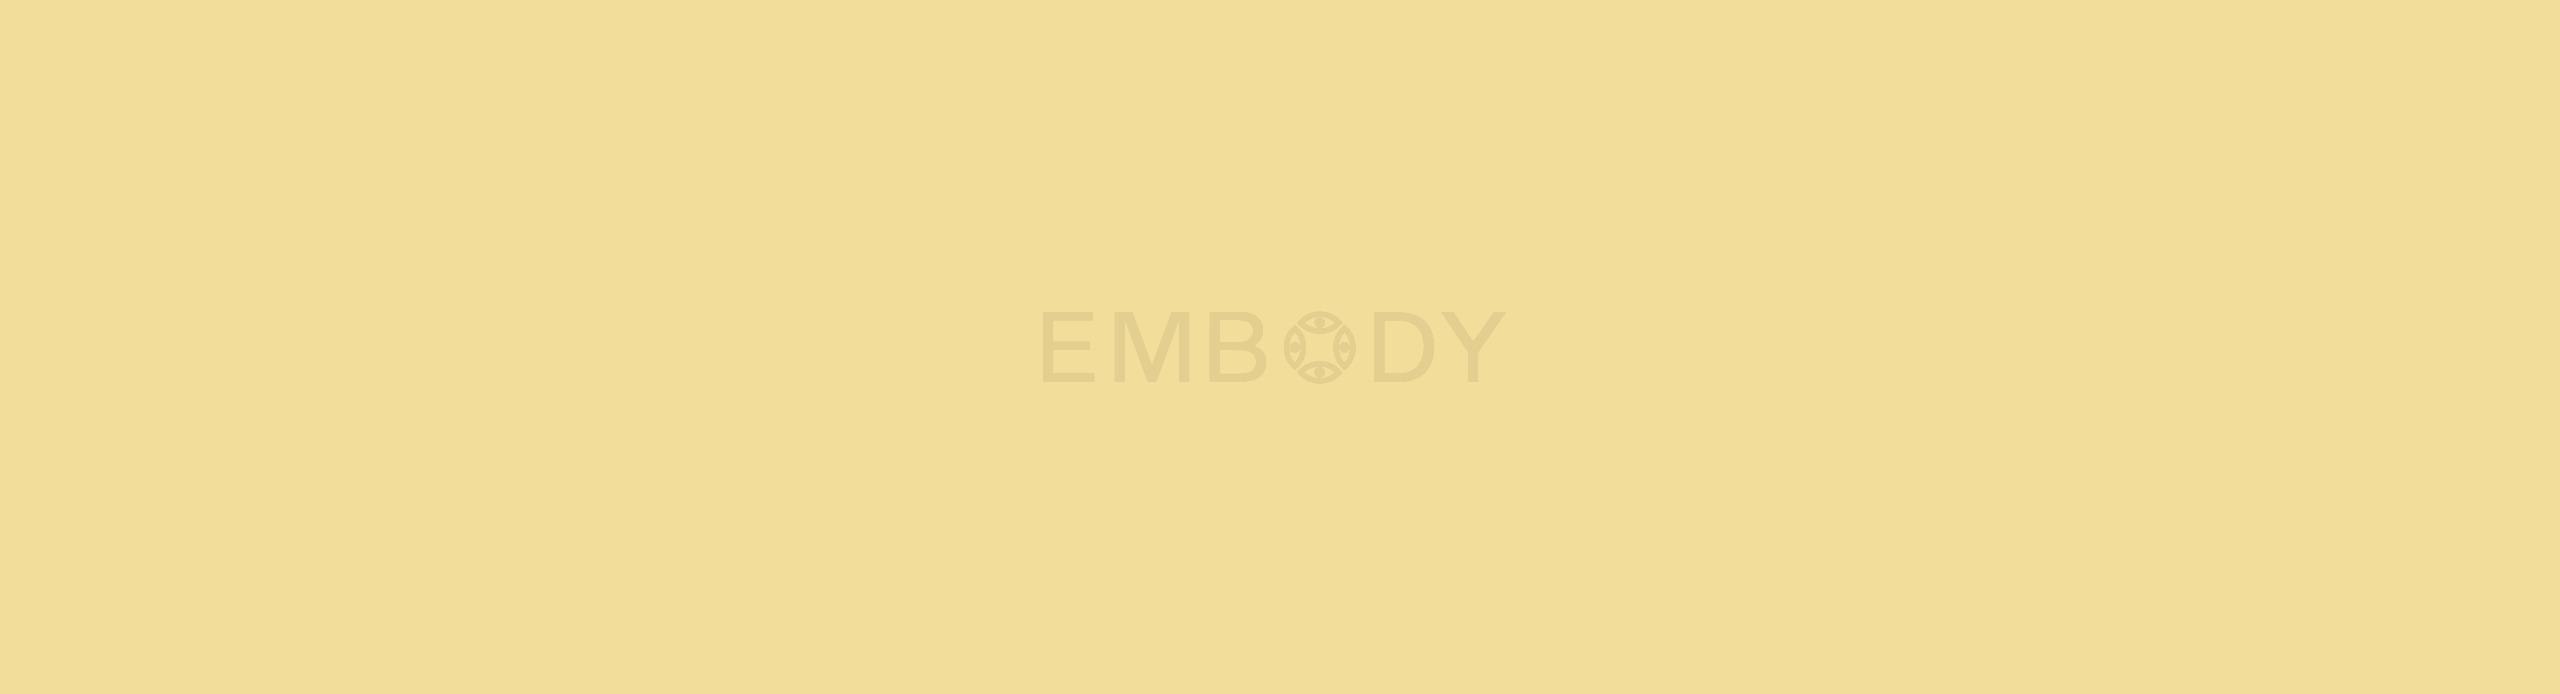 Isaul Josue (@embody) Cover Image